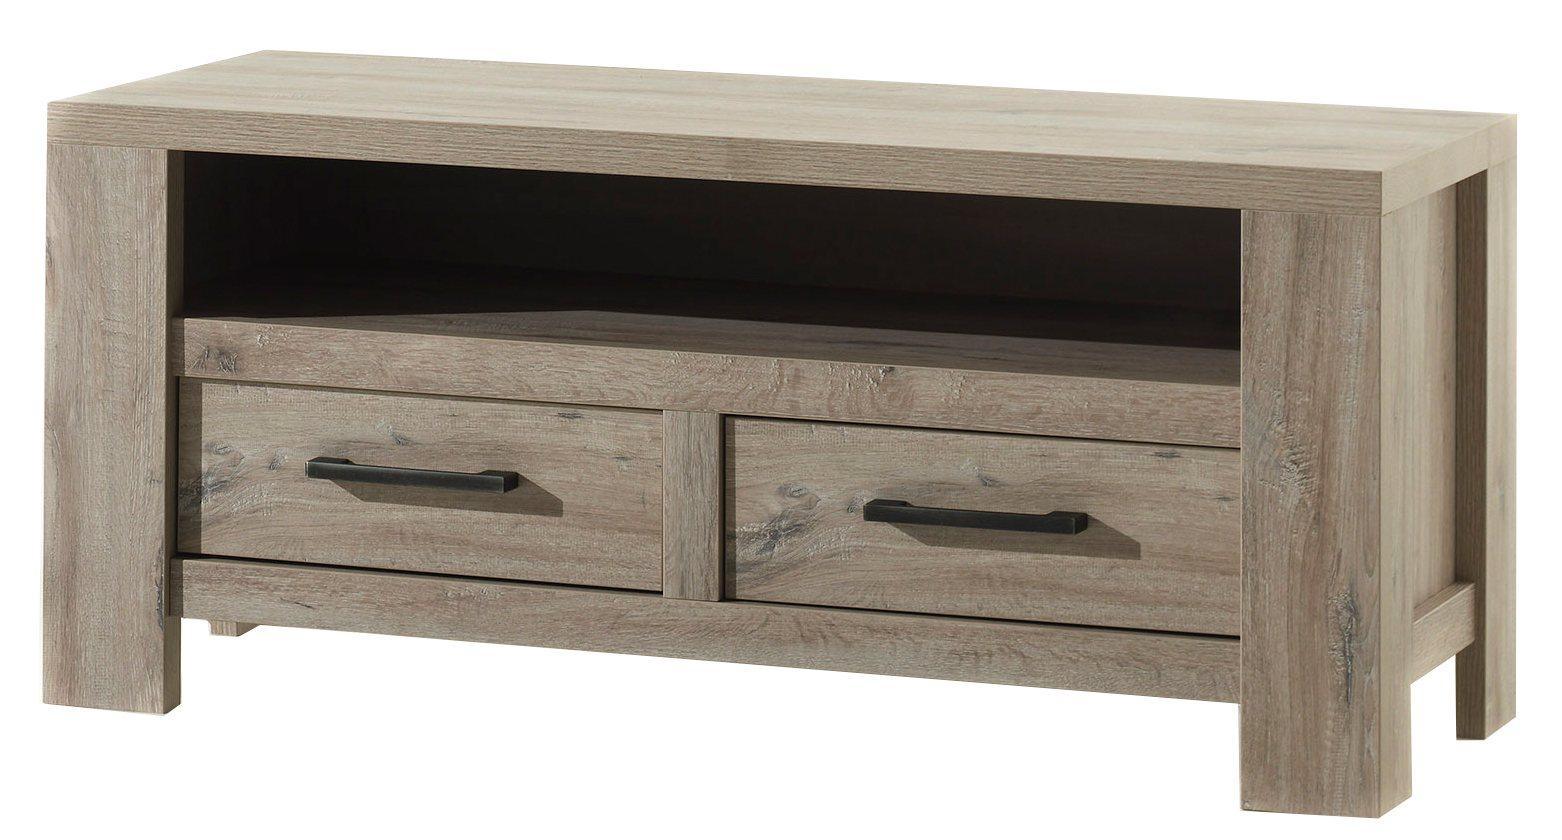 Smalle tv meubel Alexandrium